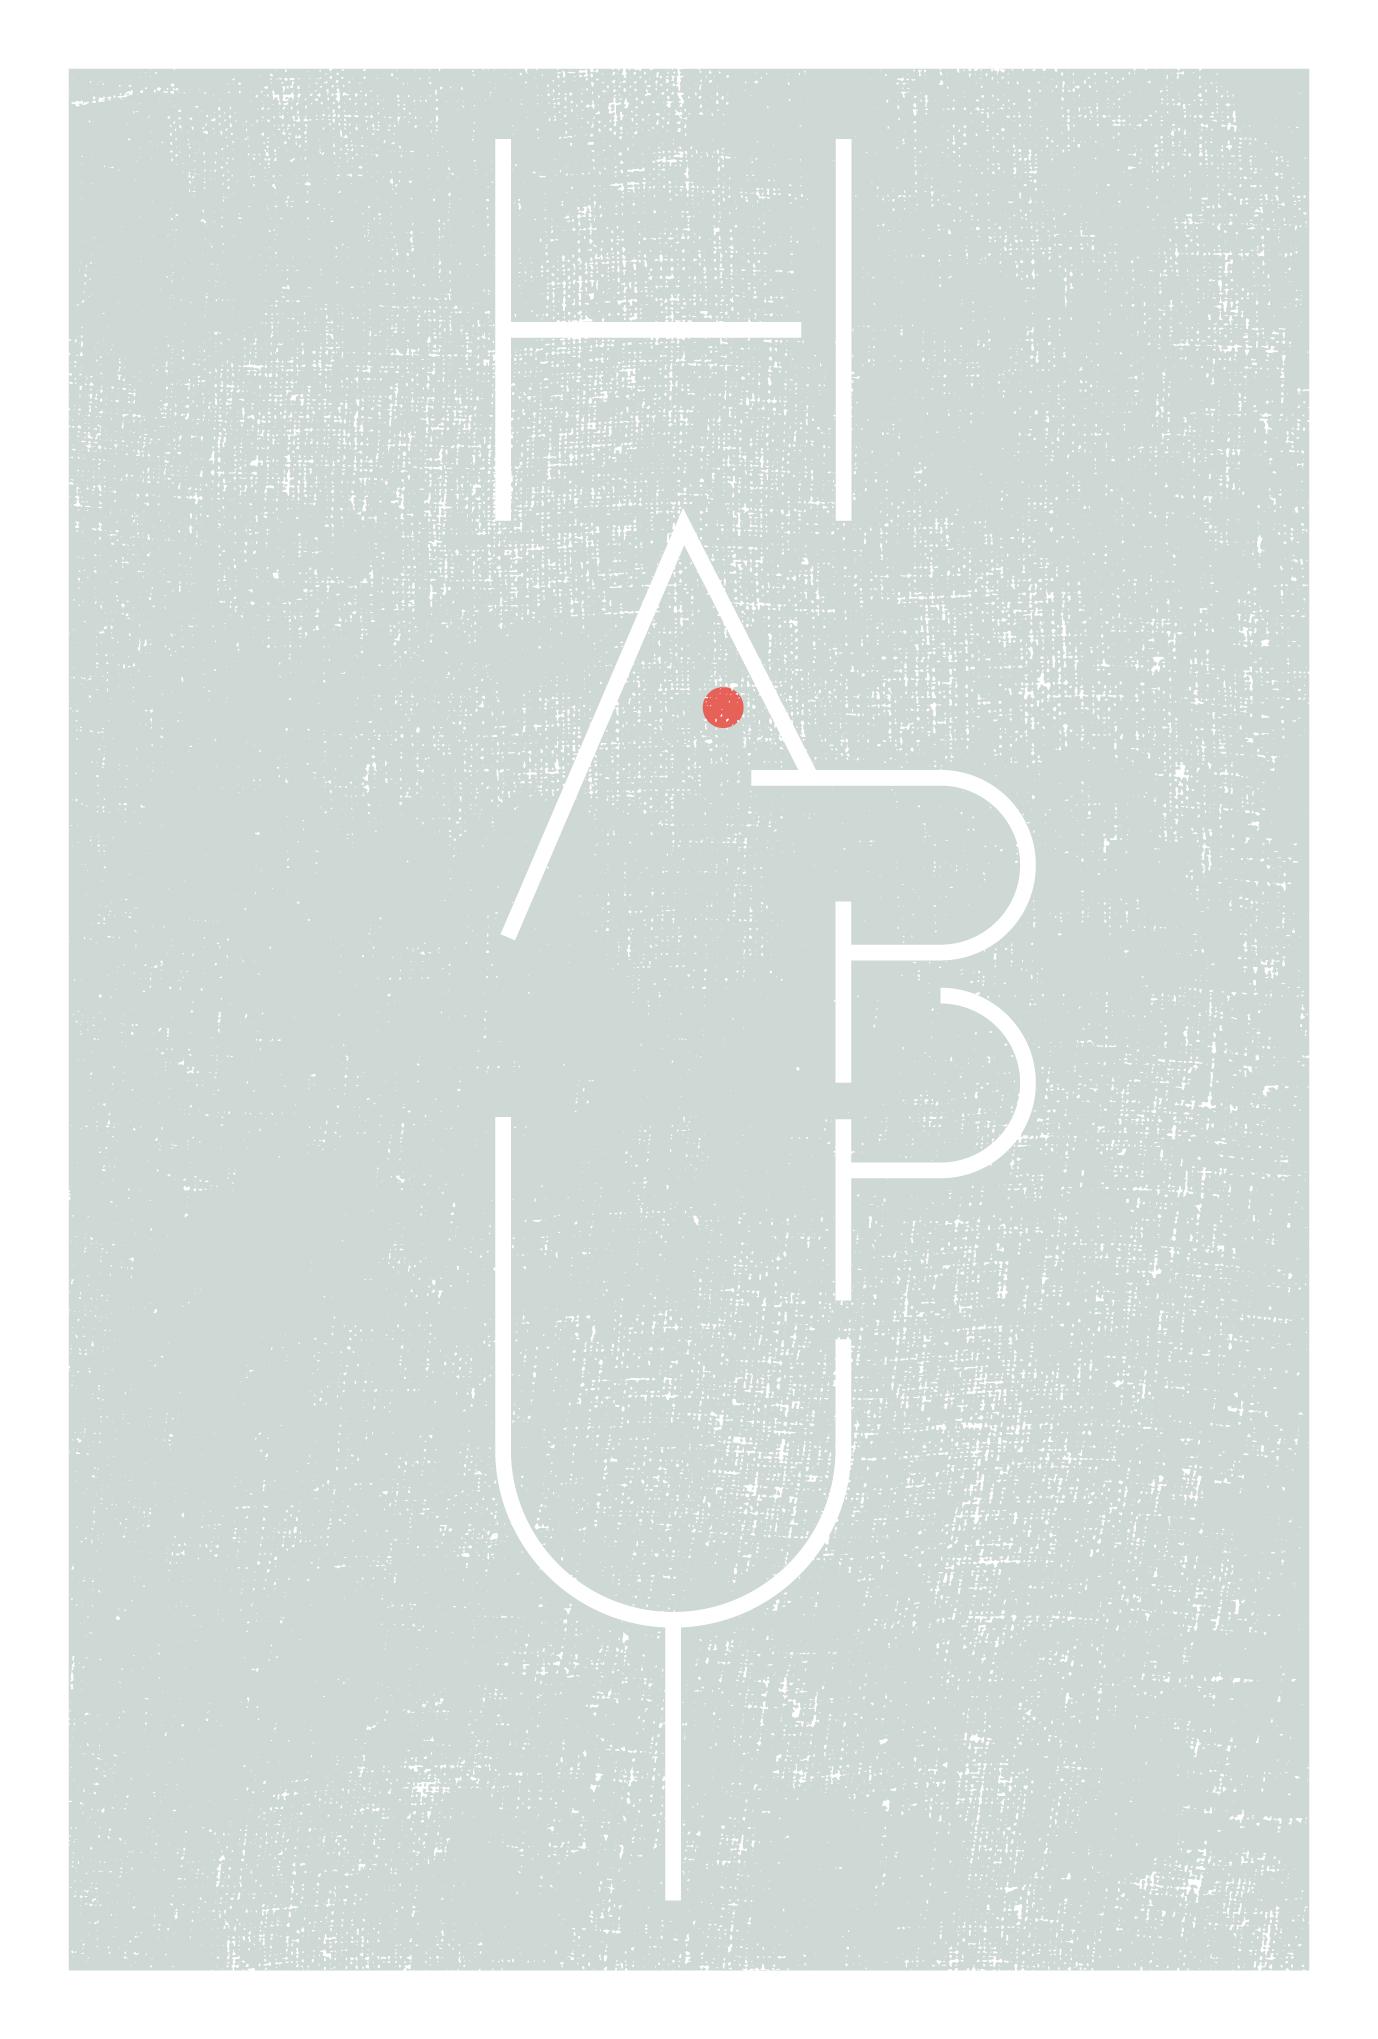 2020年賀状15-3:HAPPY MOUSE / B(千草鼠)のダウンロード画像